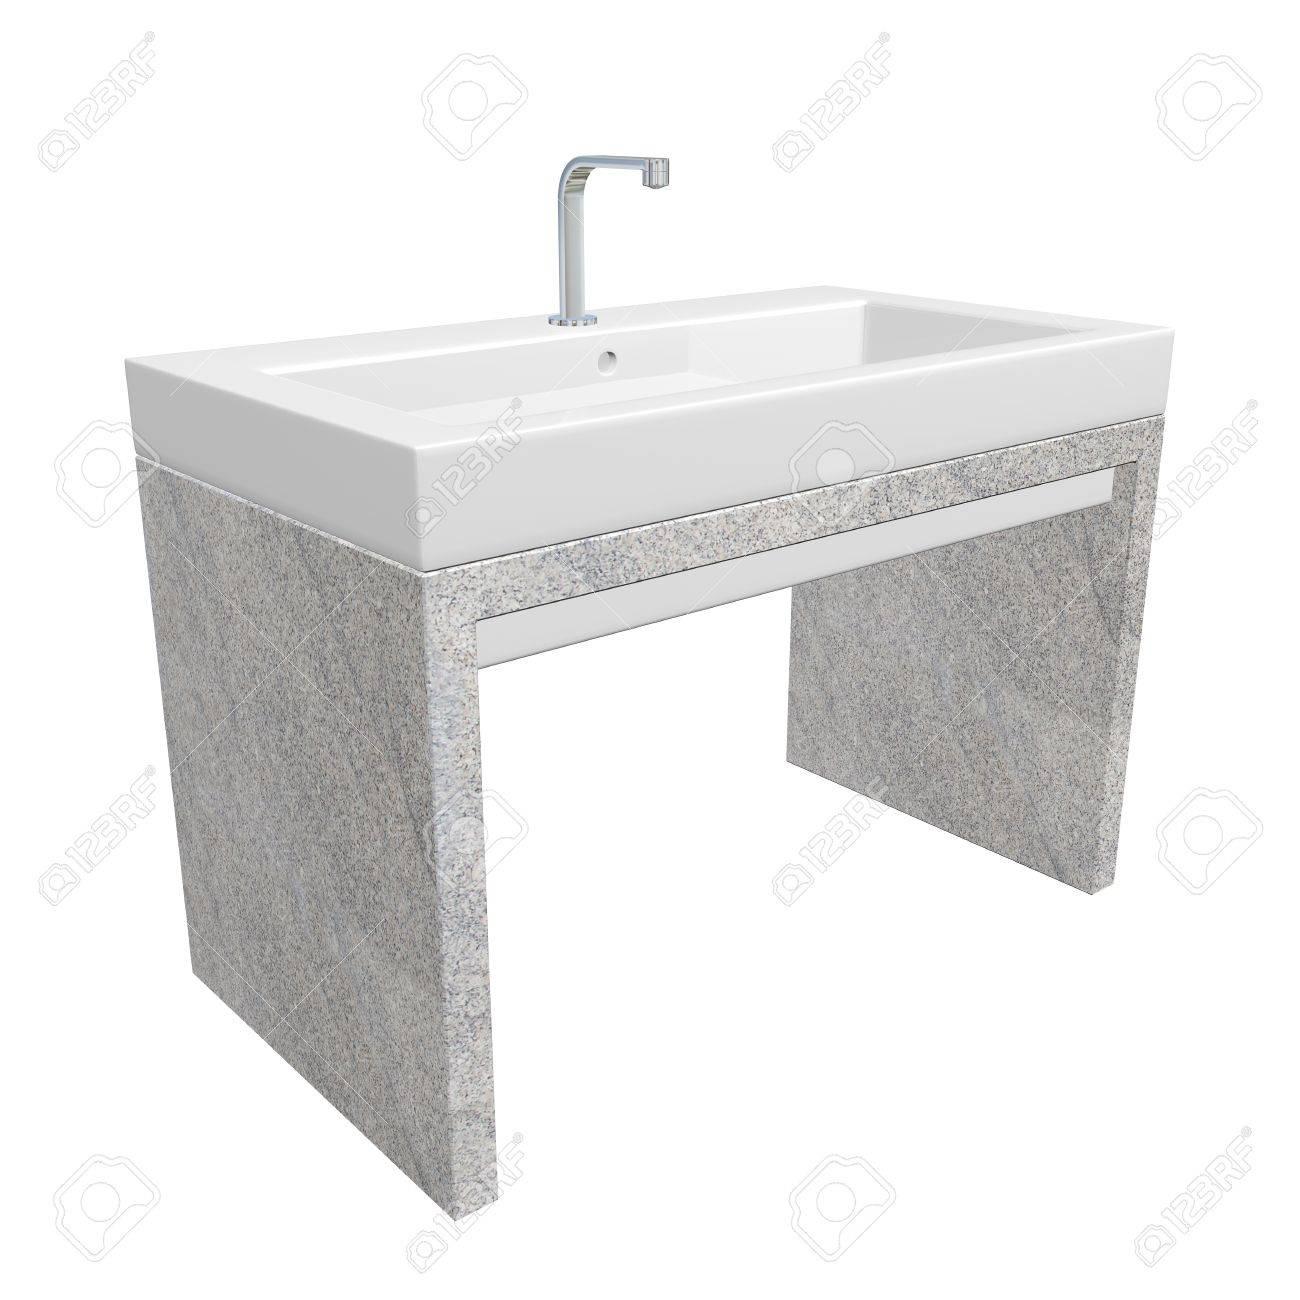 Évier salle de bain moderne situé avec lavabo en céramique ou en ...